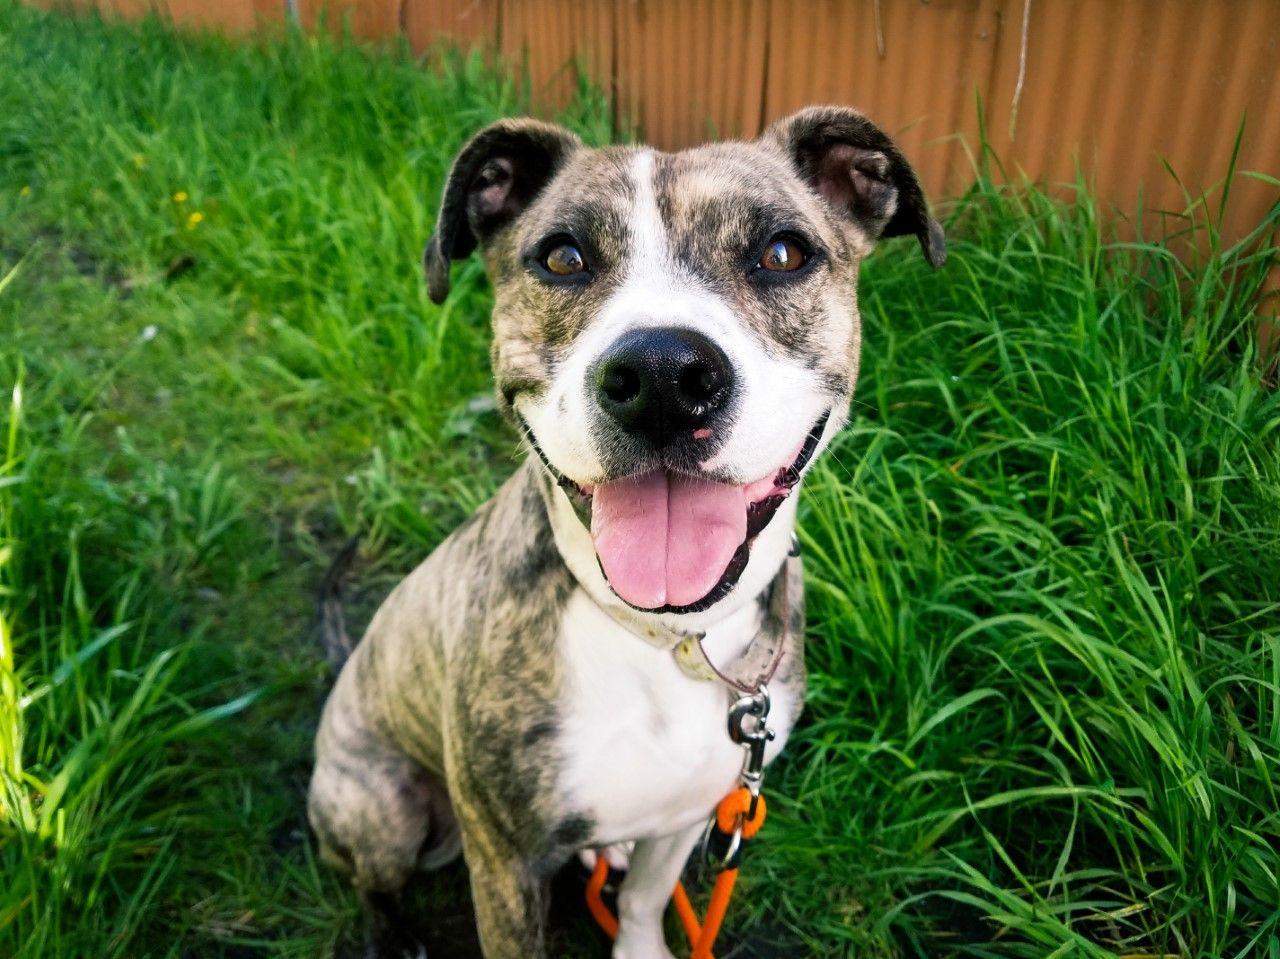 Bogle Dog For Adoption In Seattle Wa Adn 606807 On Puppyfinder